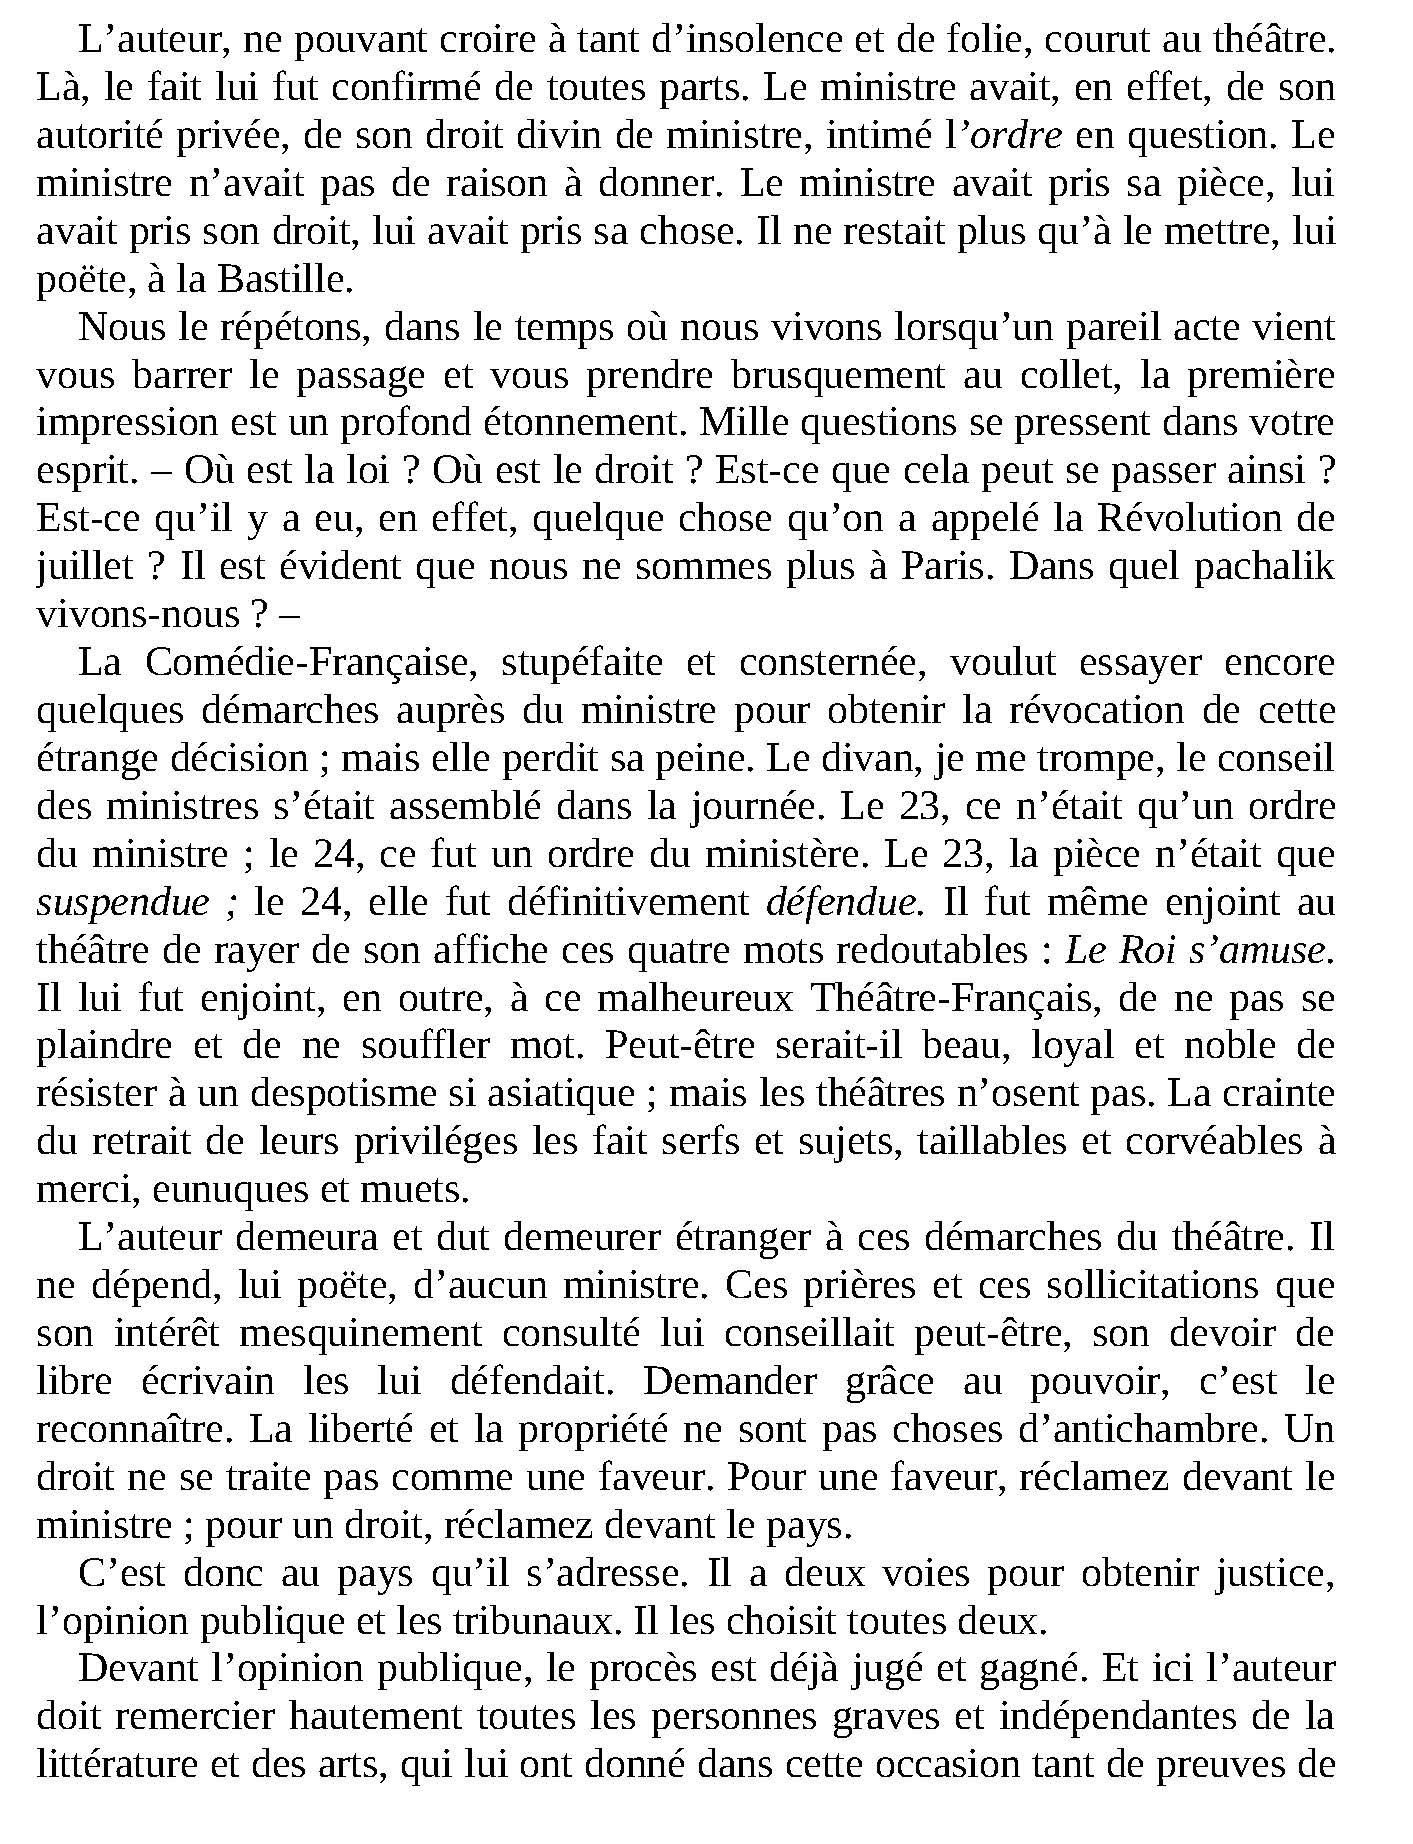 Livre numérique: Le roi s'amuse de Victor Hugo pdf 3